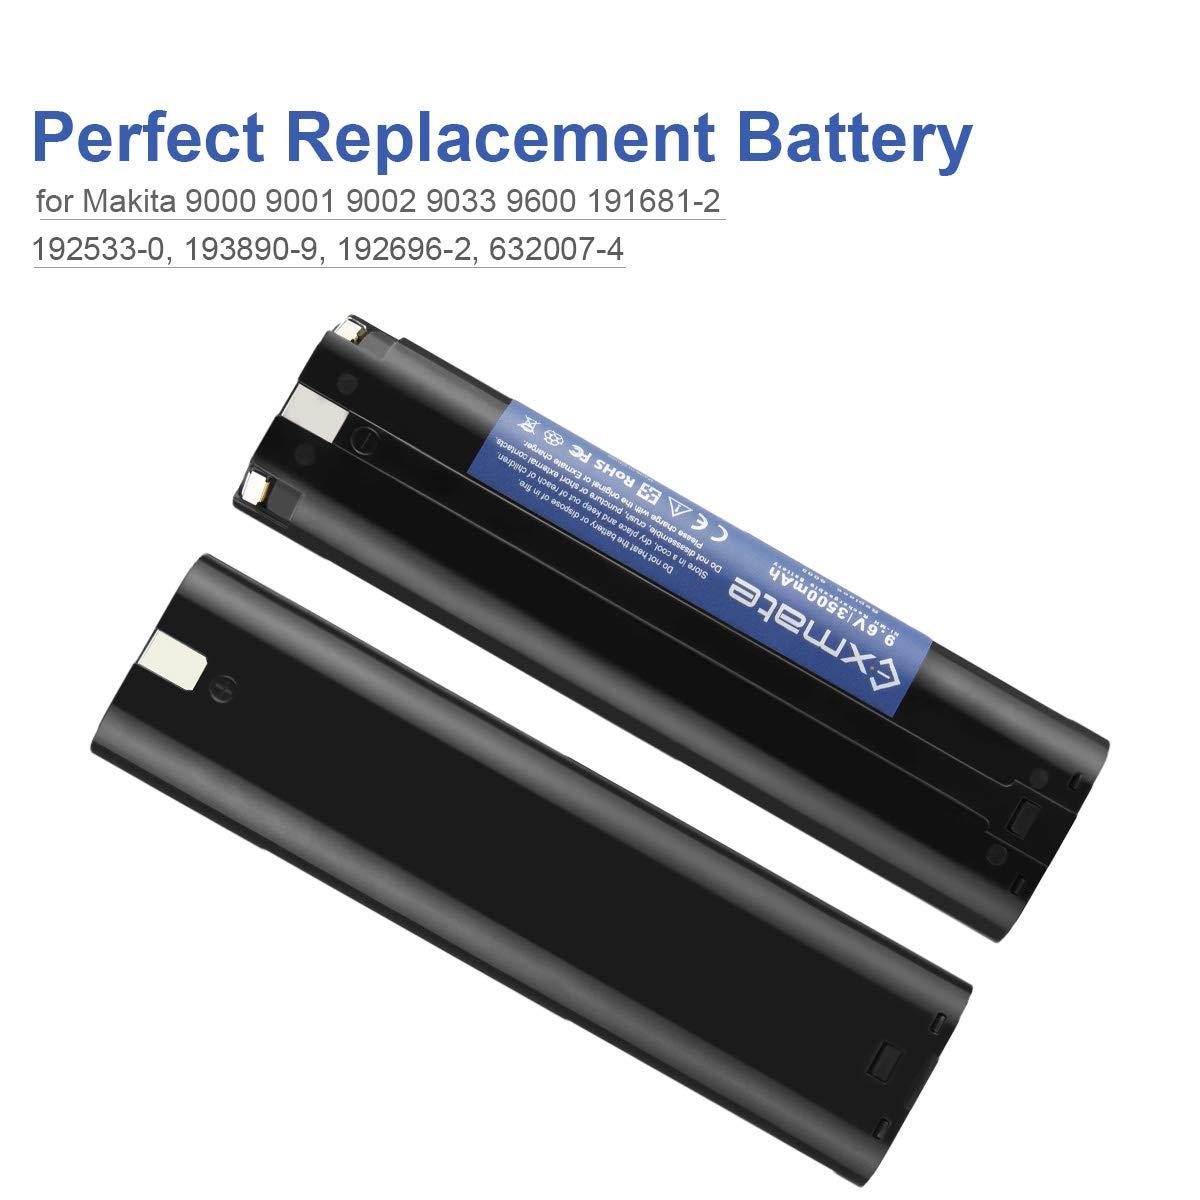 Exmate 14.4V Cargador Compatible con Makita BL1430 Bater/ía de Litio No para bater/ía de Ni-MH//Ni-Cd